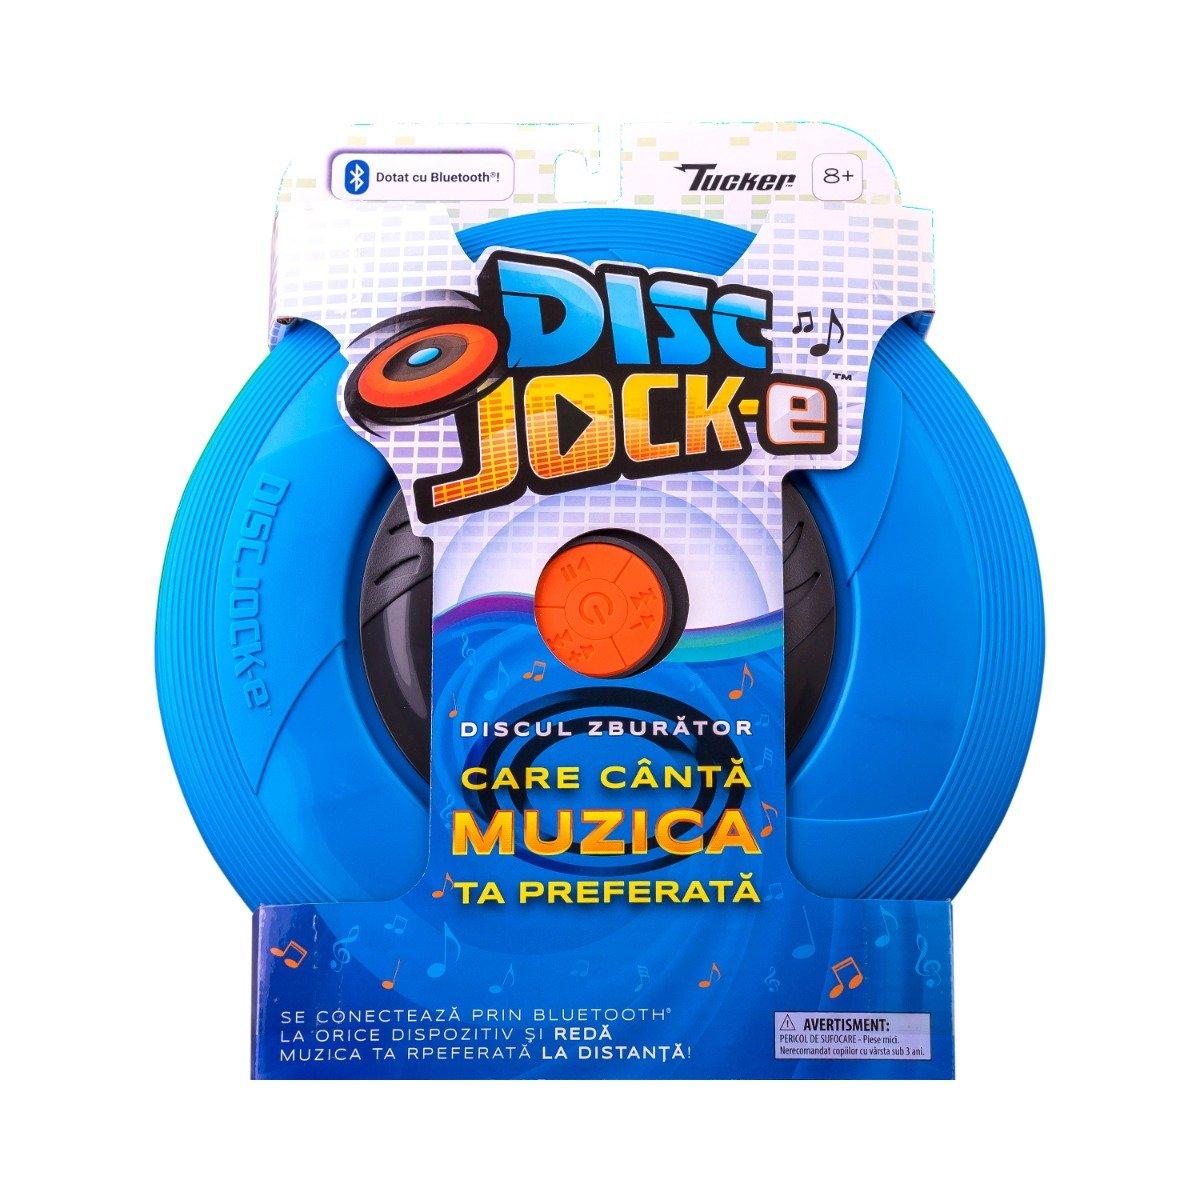 Disc zburator cu boxe Noriel Disc Jock-e, Blue